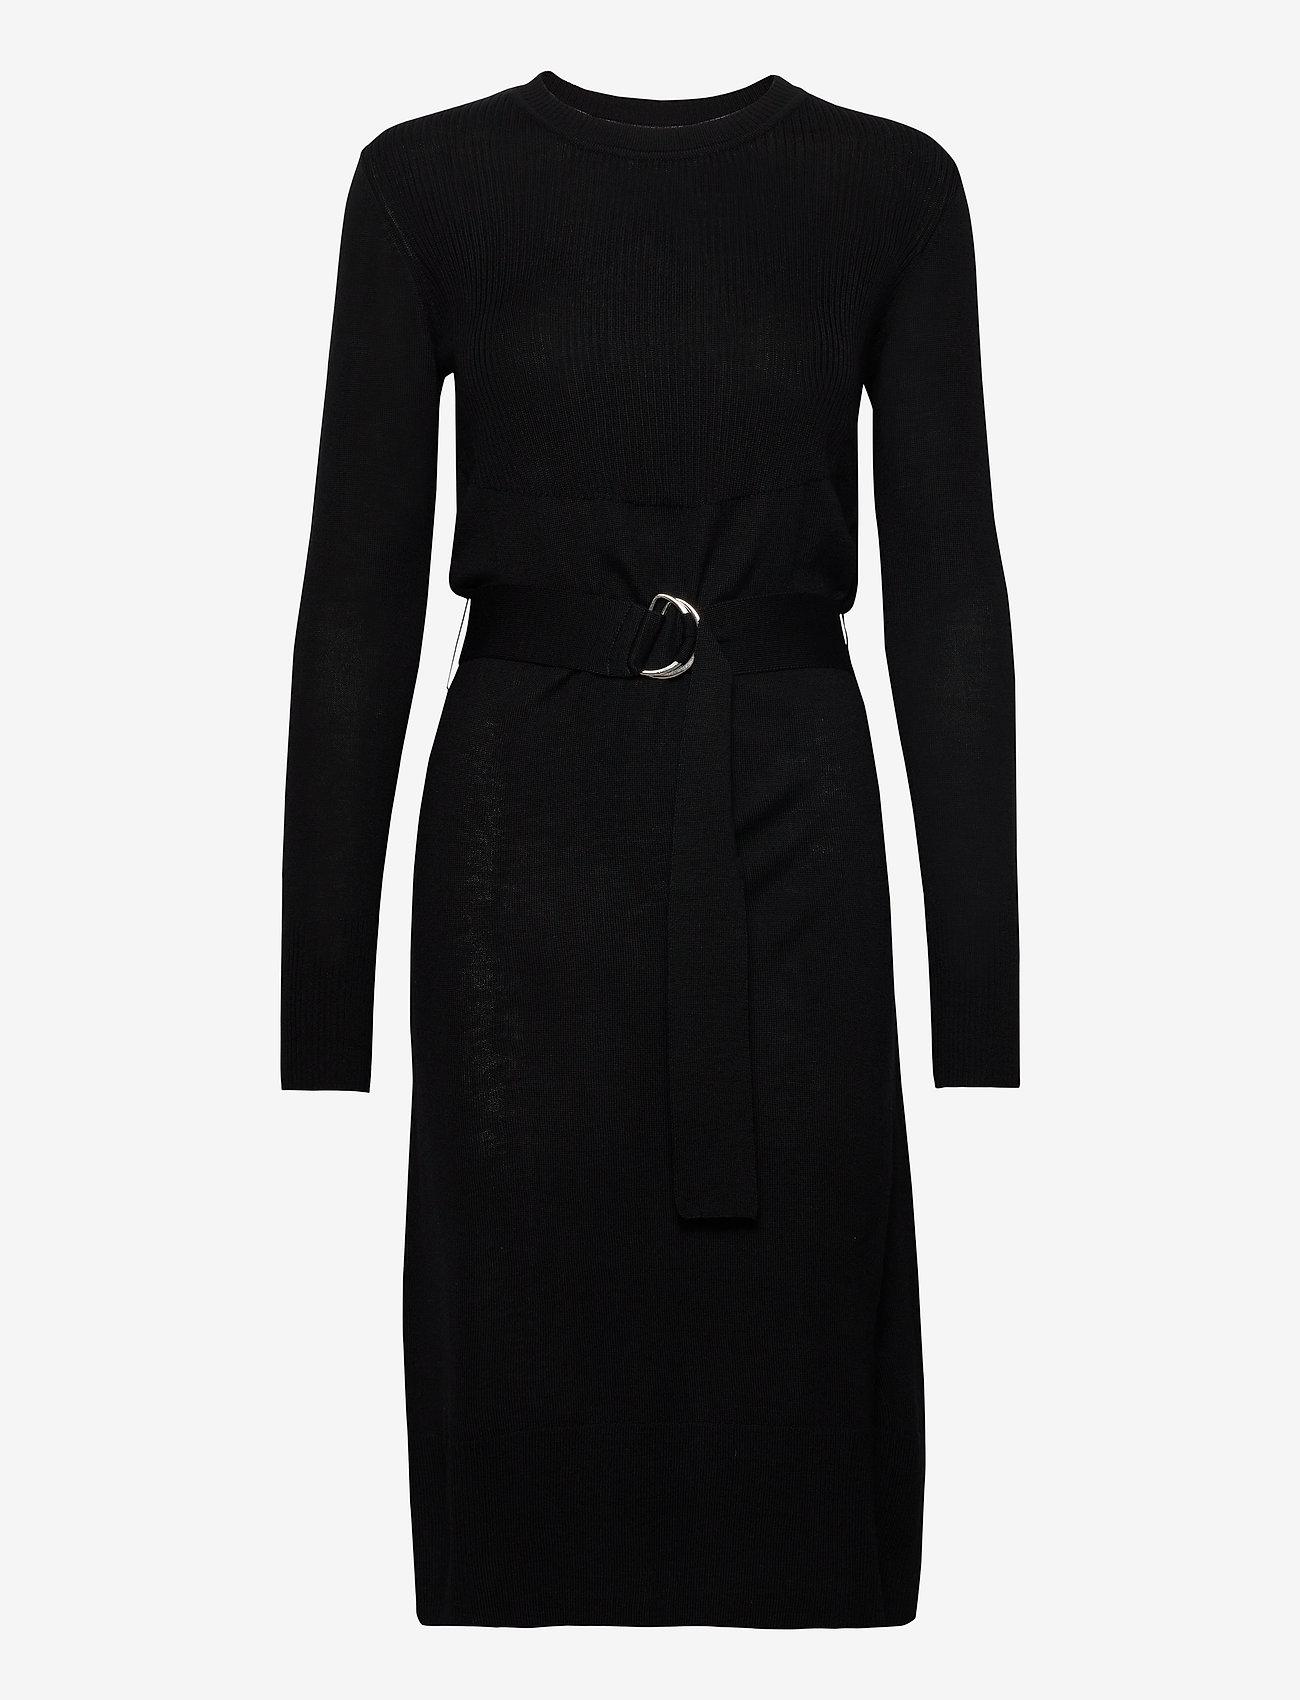 Rosemunde - Dress ls - midi kjoler - black - 0